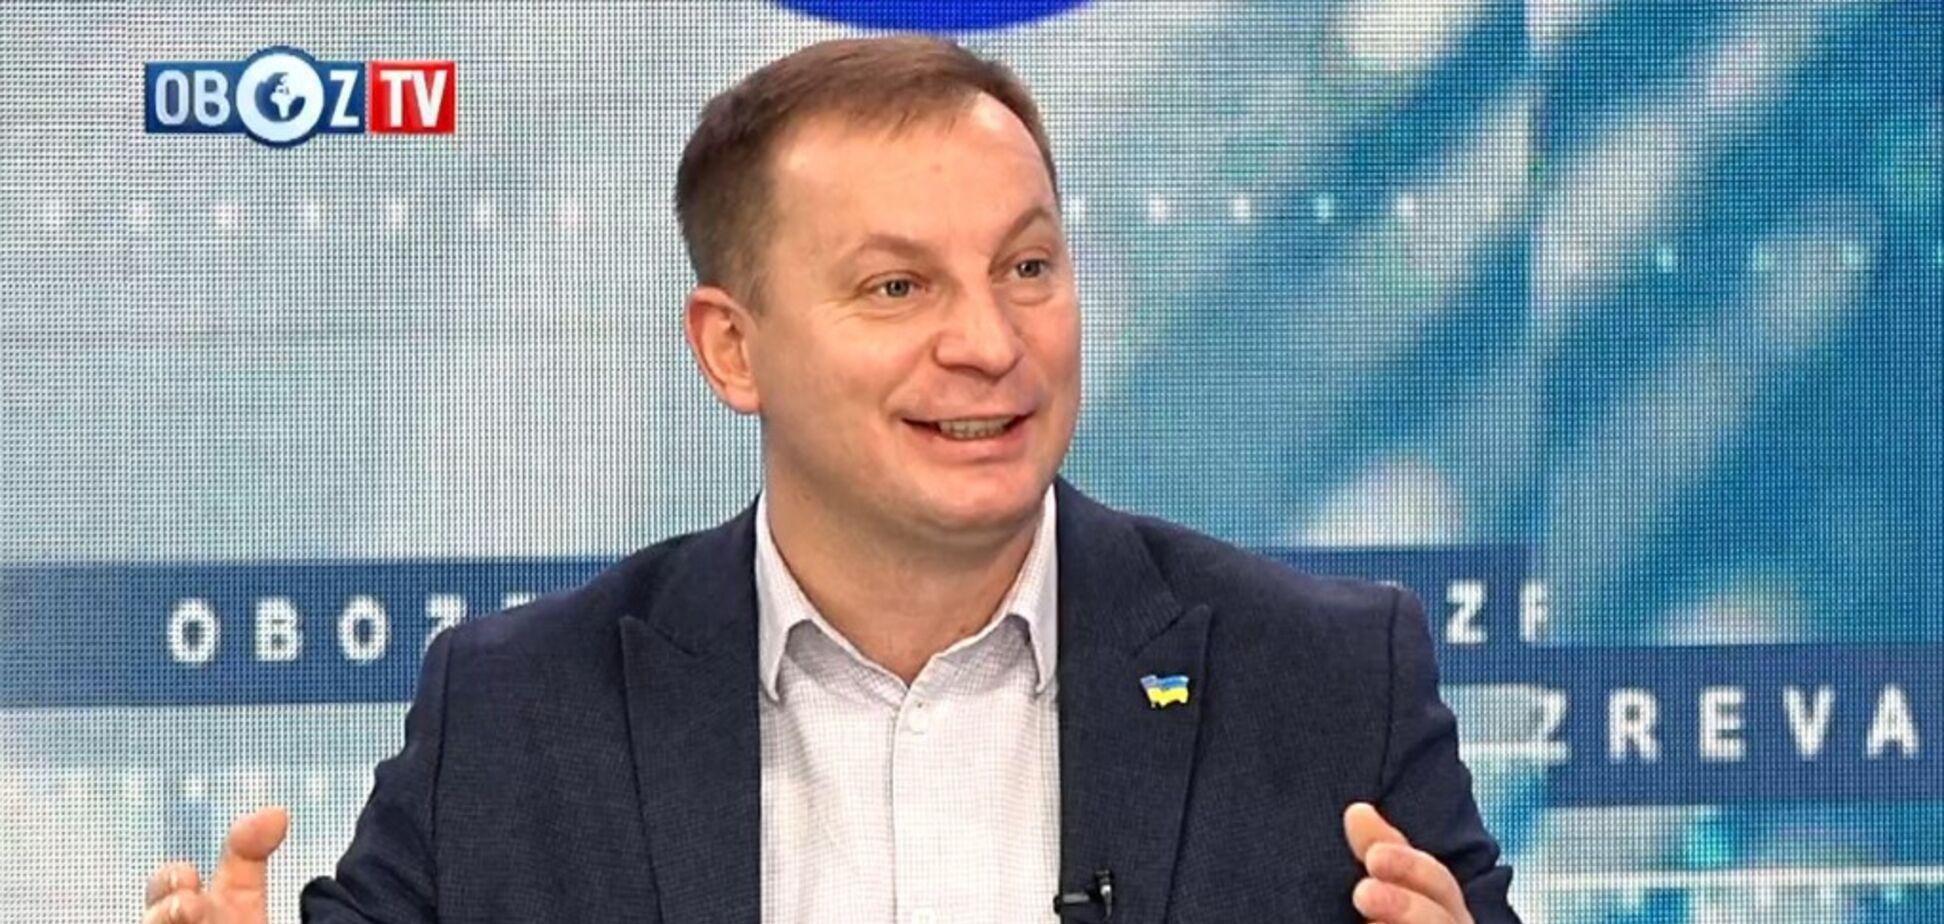 Детали децентрализации в Украине: экс-глава Тернопольской ОГА